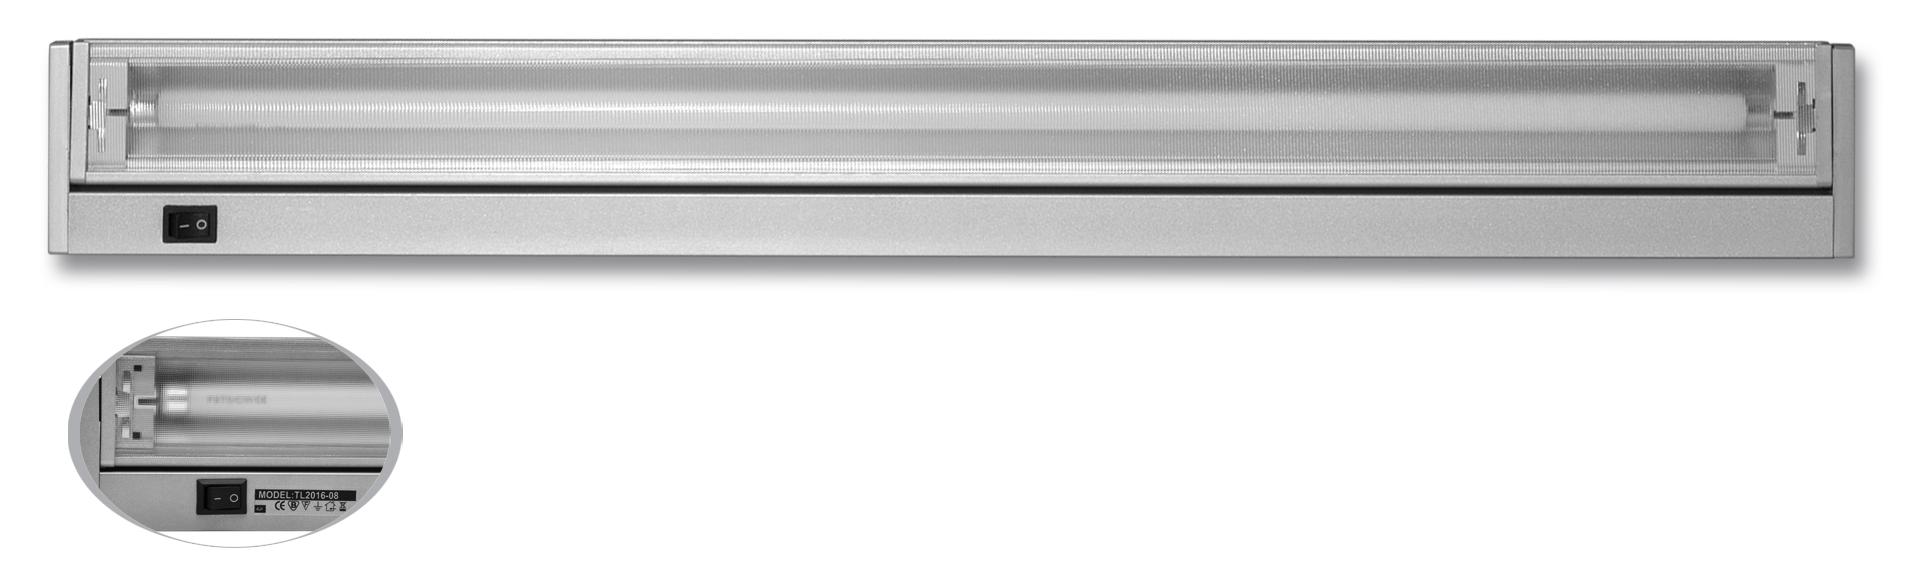 Ecolite TL2016-08 (Svietidlo žiarivkové 8W výklopné)